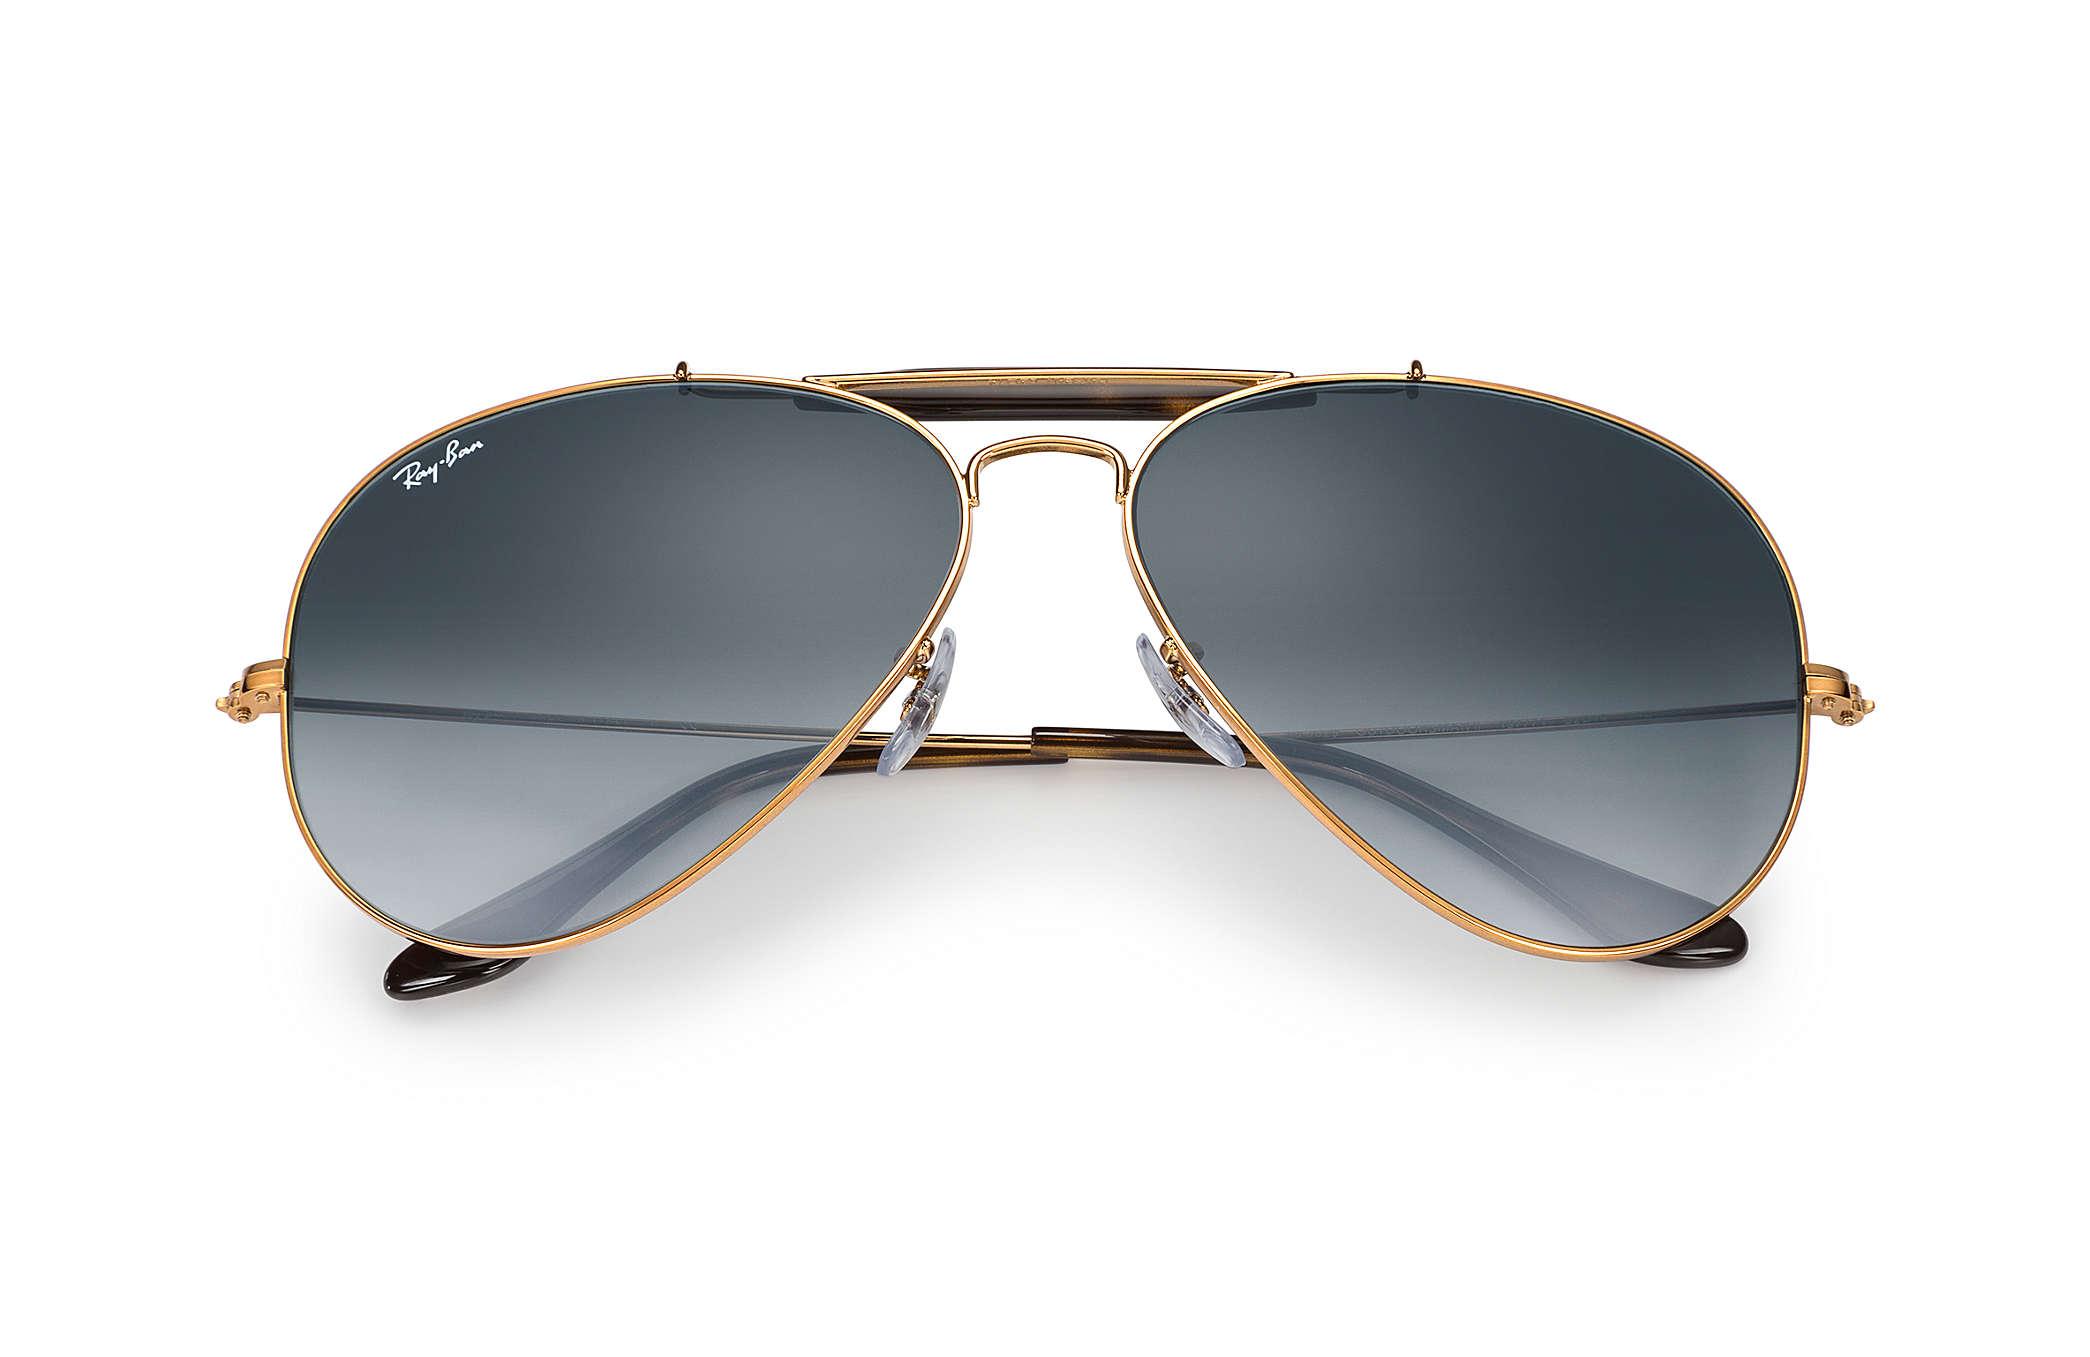 c450a7fc9 Ray-Ban Outdoorsman Ii RB3029 Bronze-Copper - Metal - Grey Lenses ...